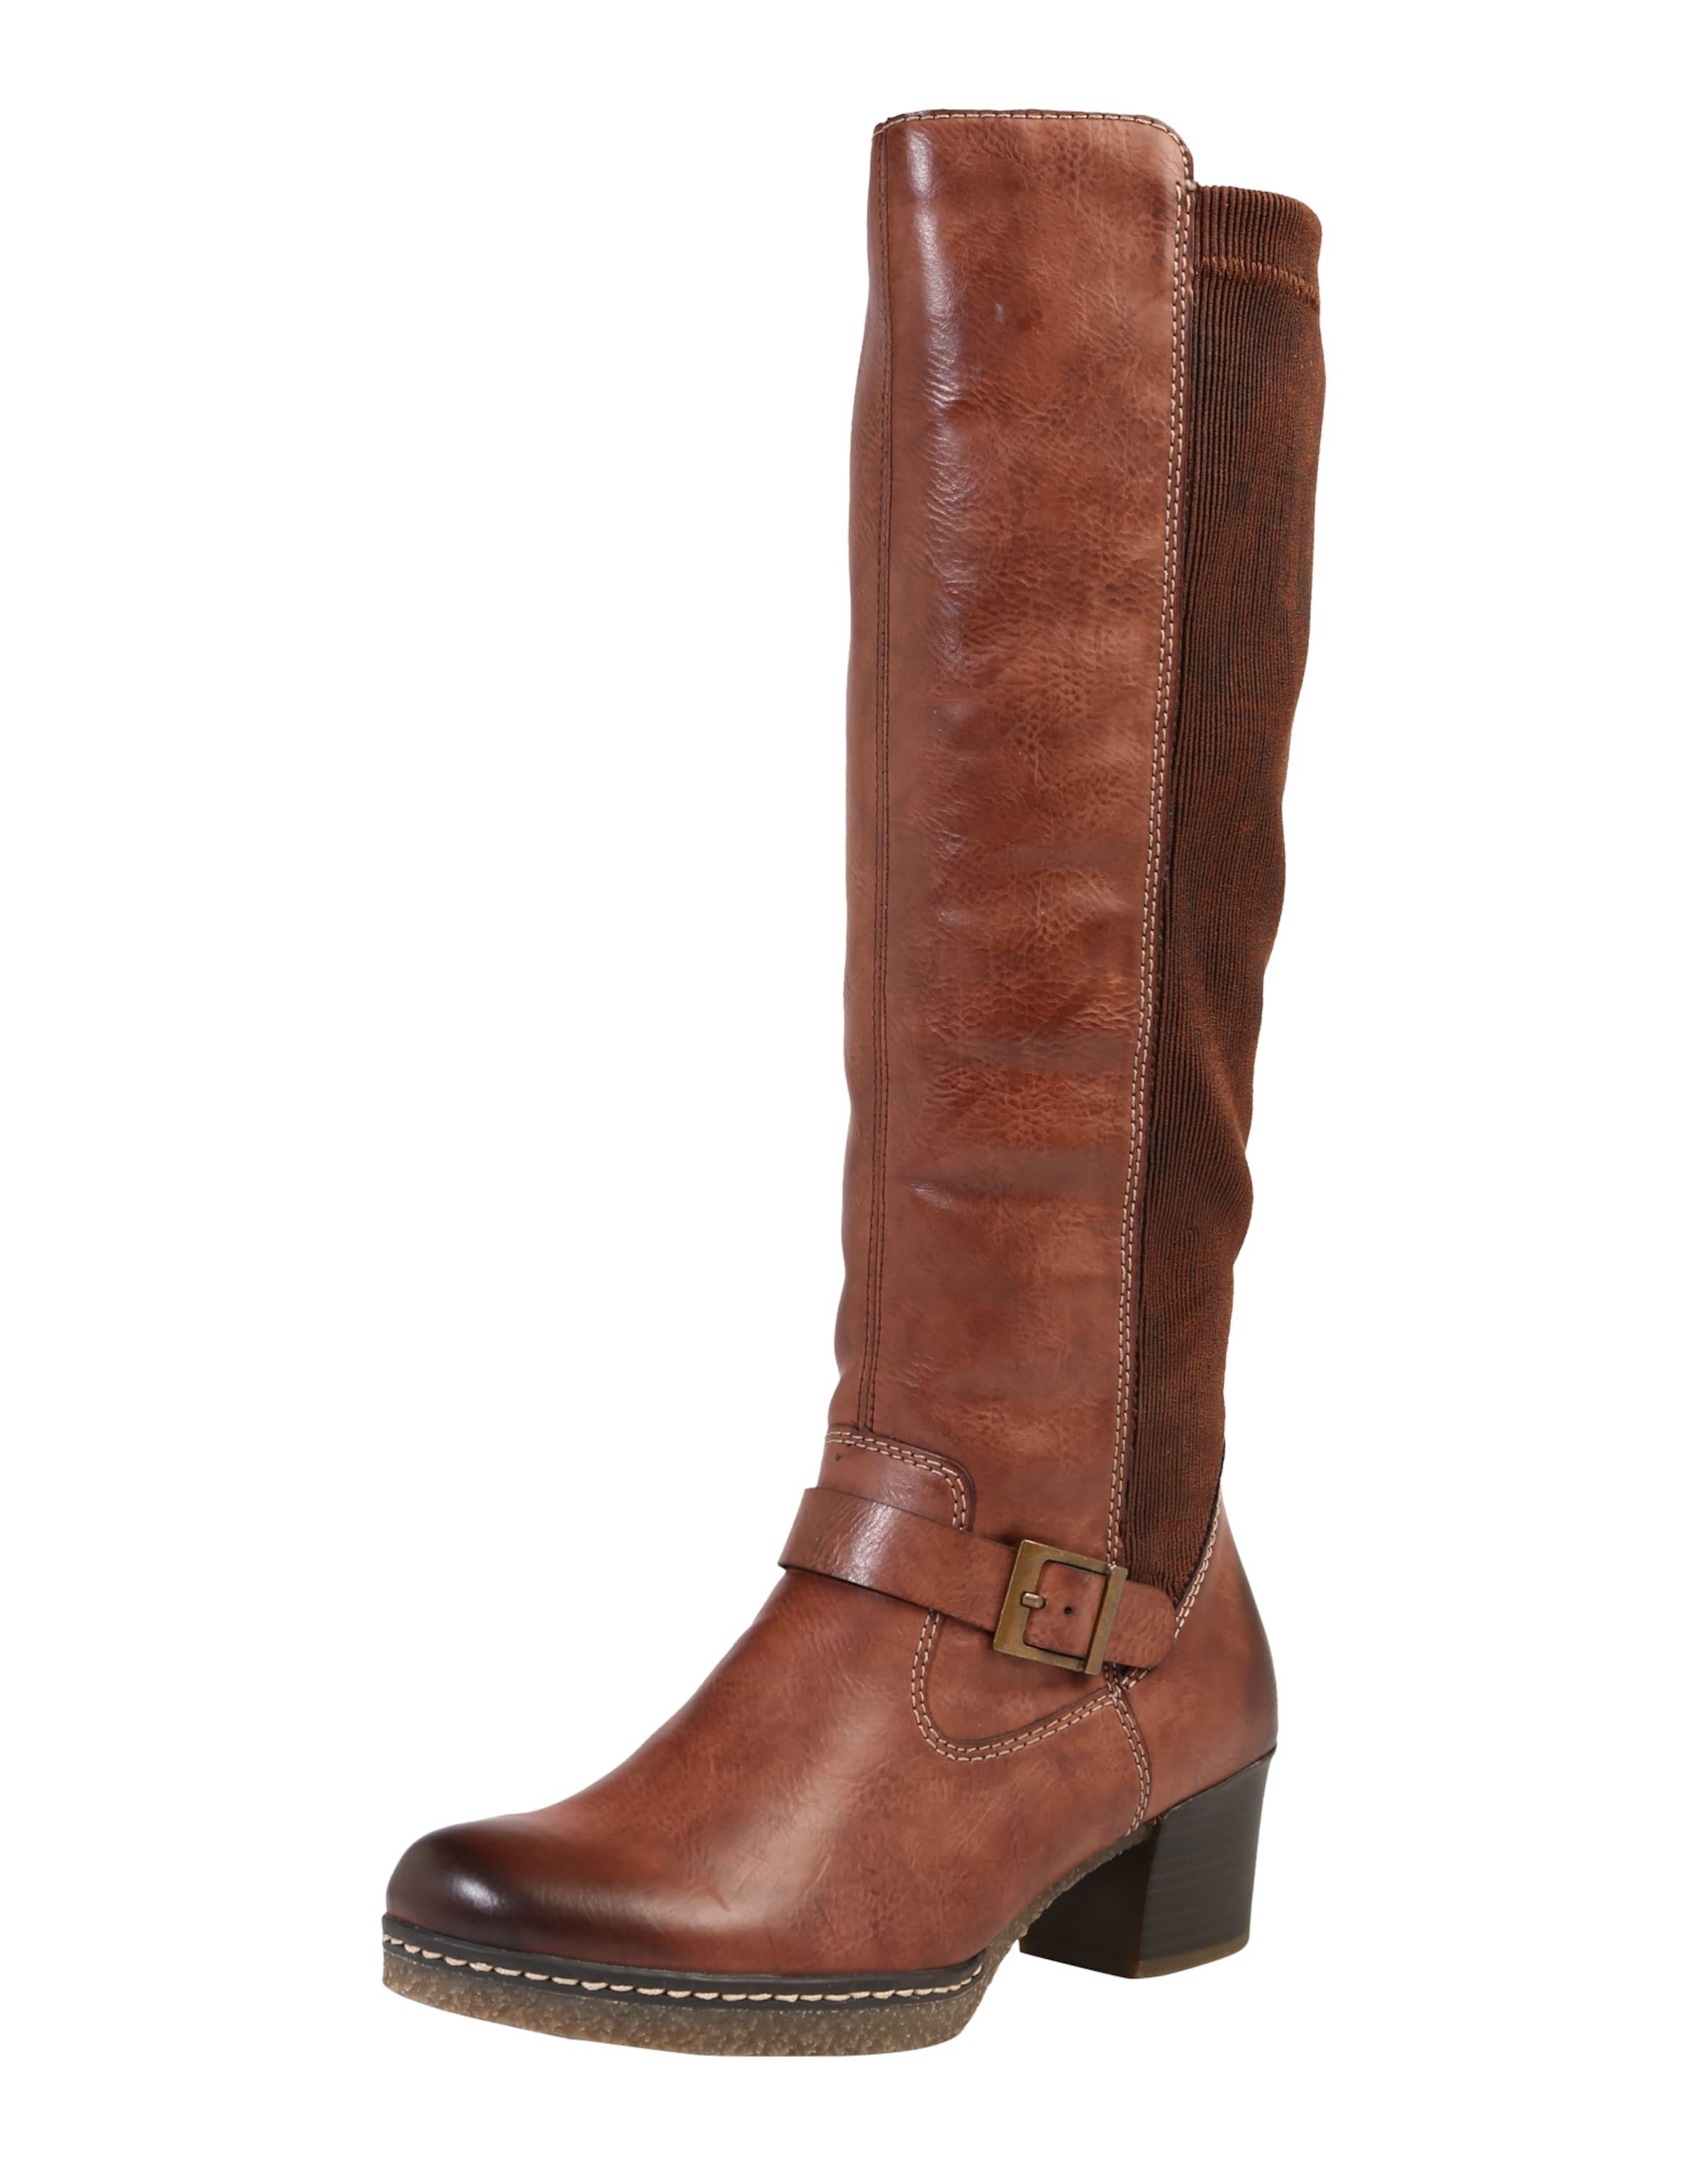 RIEKER Stiefel mit Schnalle Verschleißfeste billige Schuhe